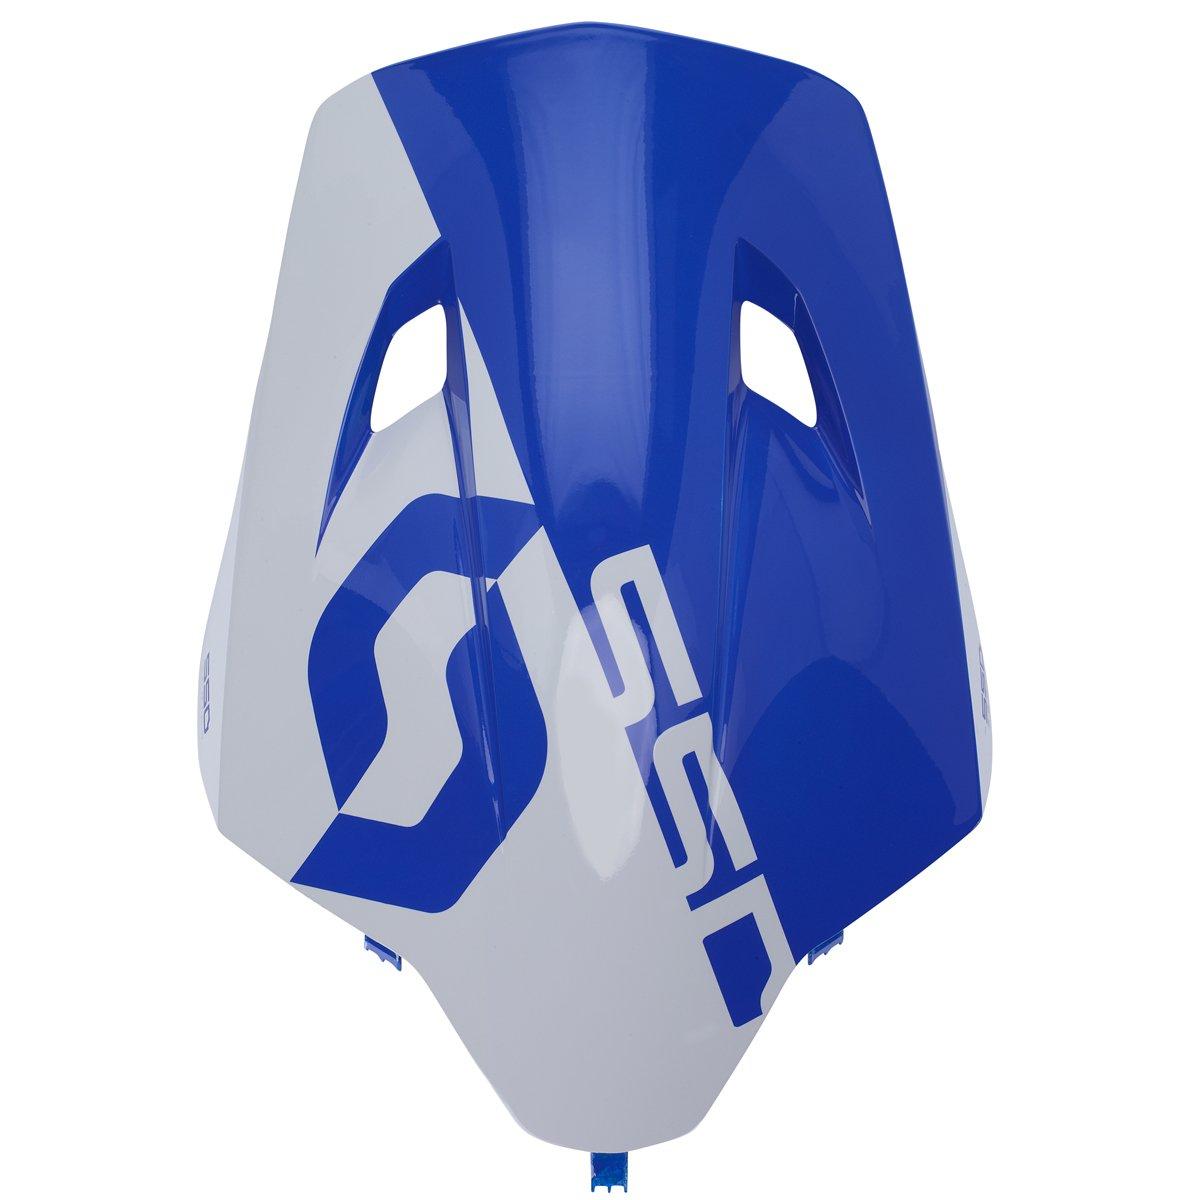 Scott 550 Visor Helm Visier grau blau  Größe  L XL XXL B079T1BV3H Allround-Helme Verpackungsvielfalt